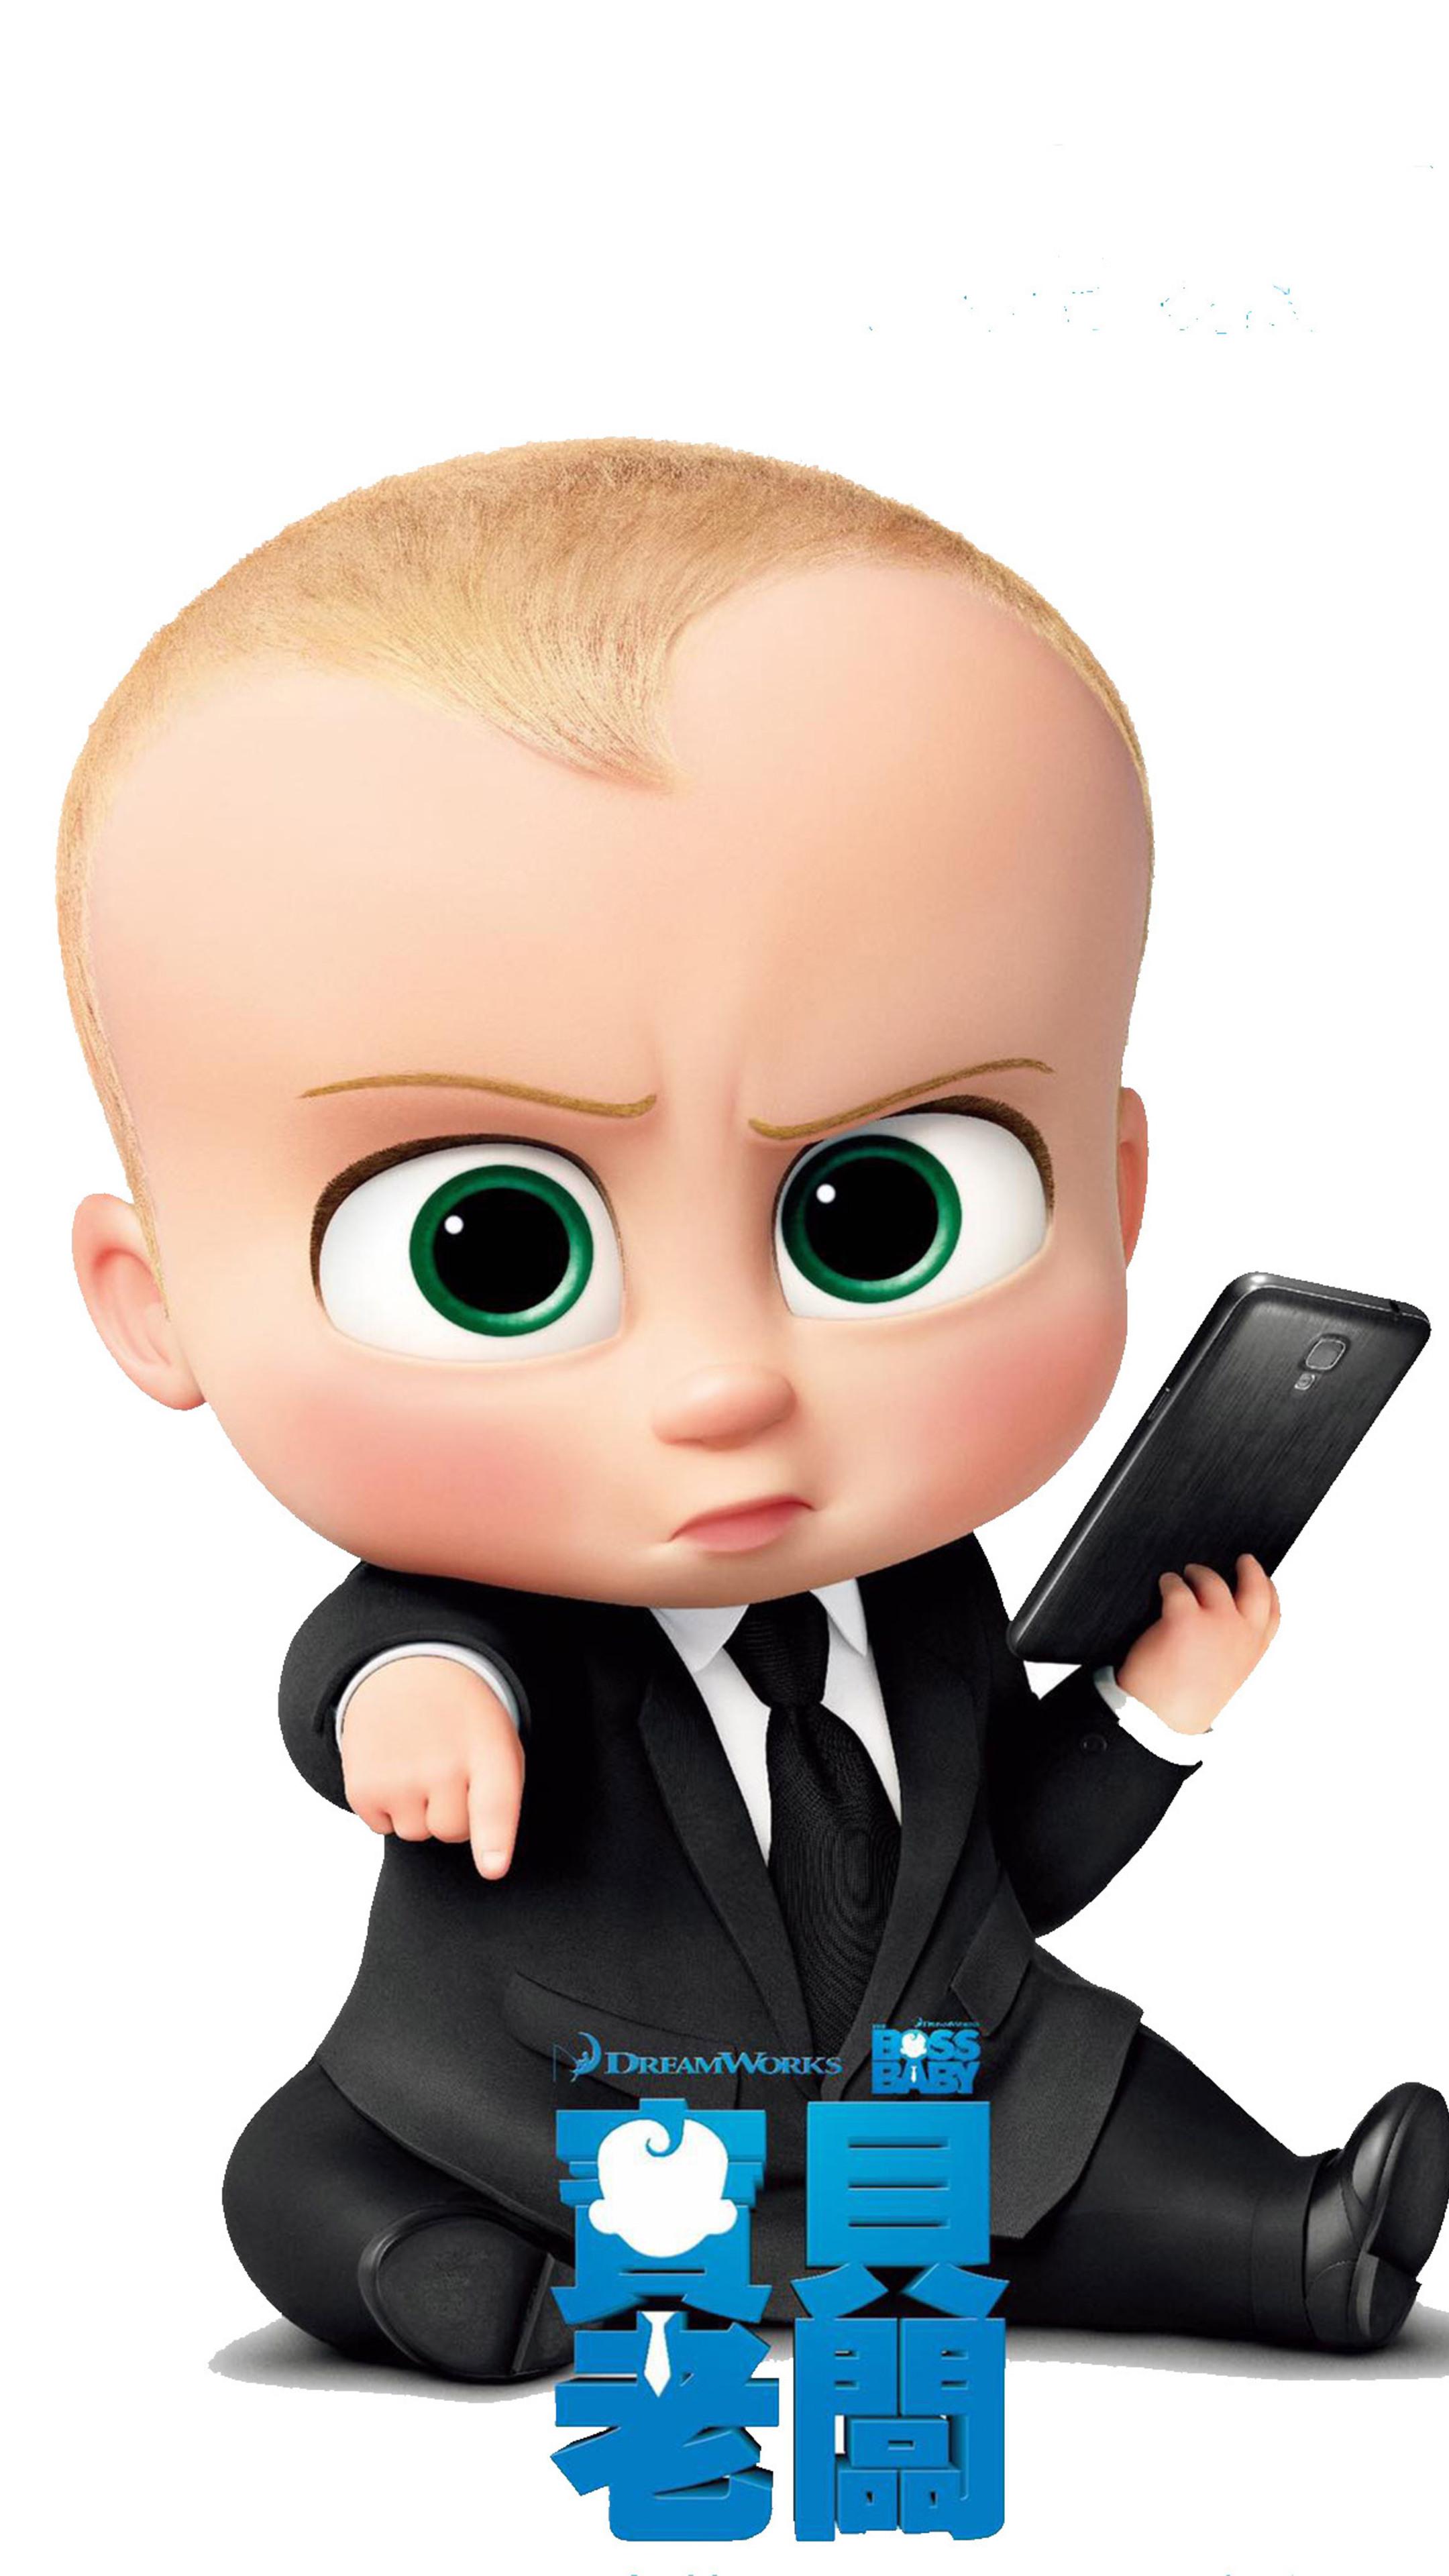 2160x3840 The Boss Baby Dreamworks 4k Sony Xperia Xxzz5